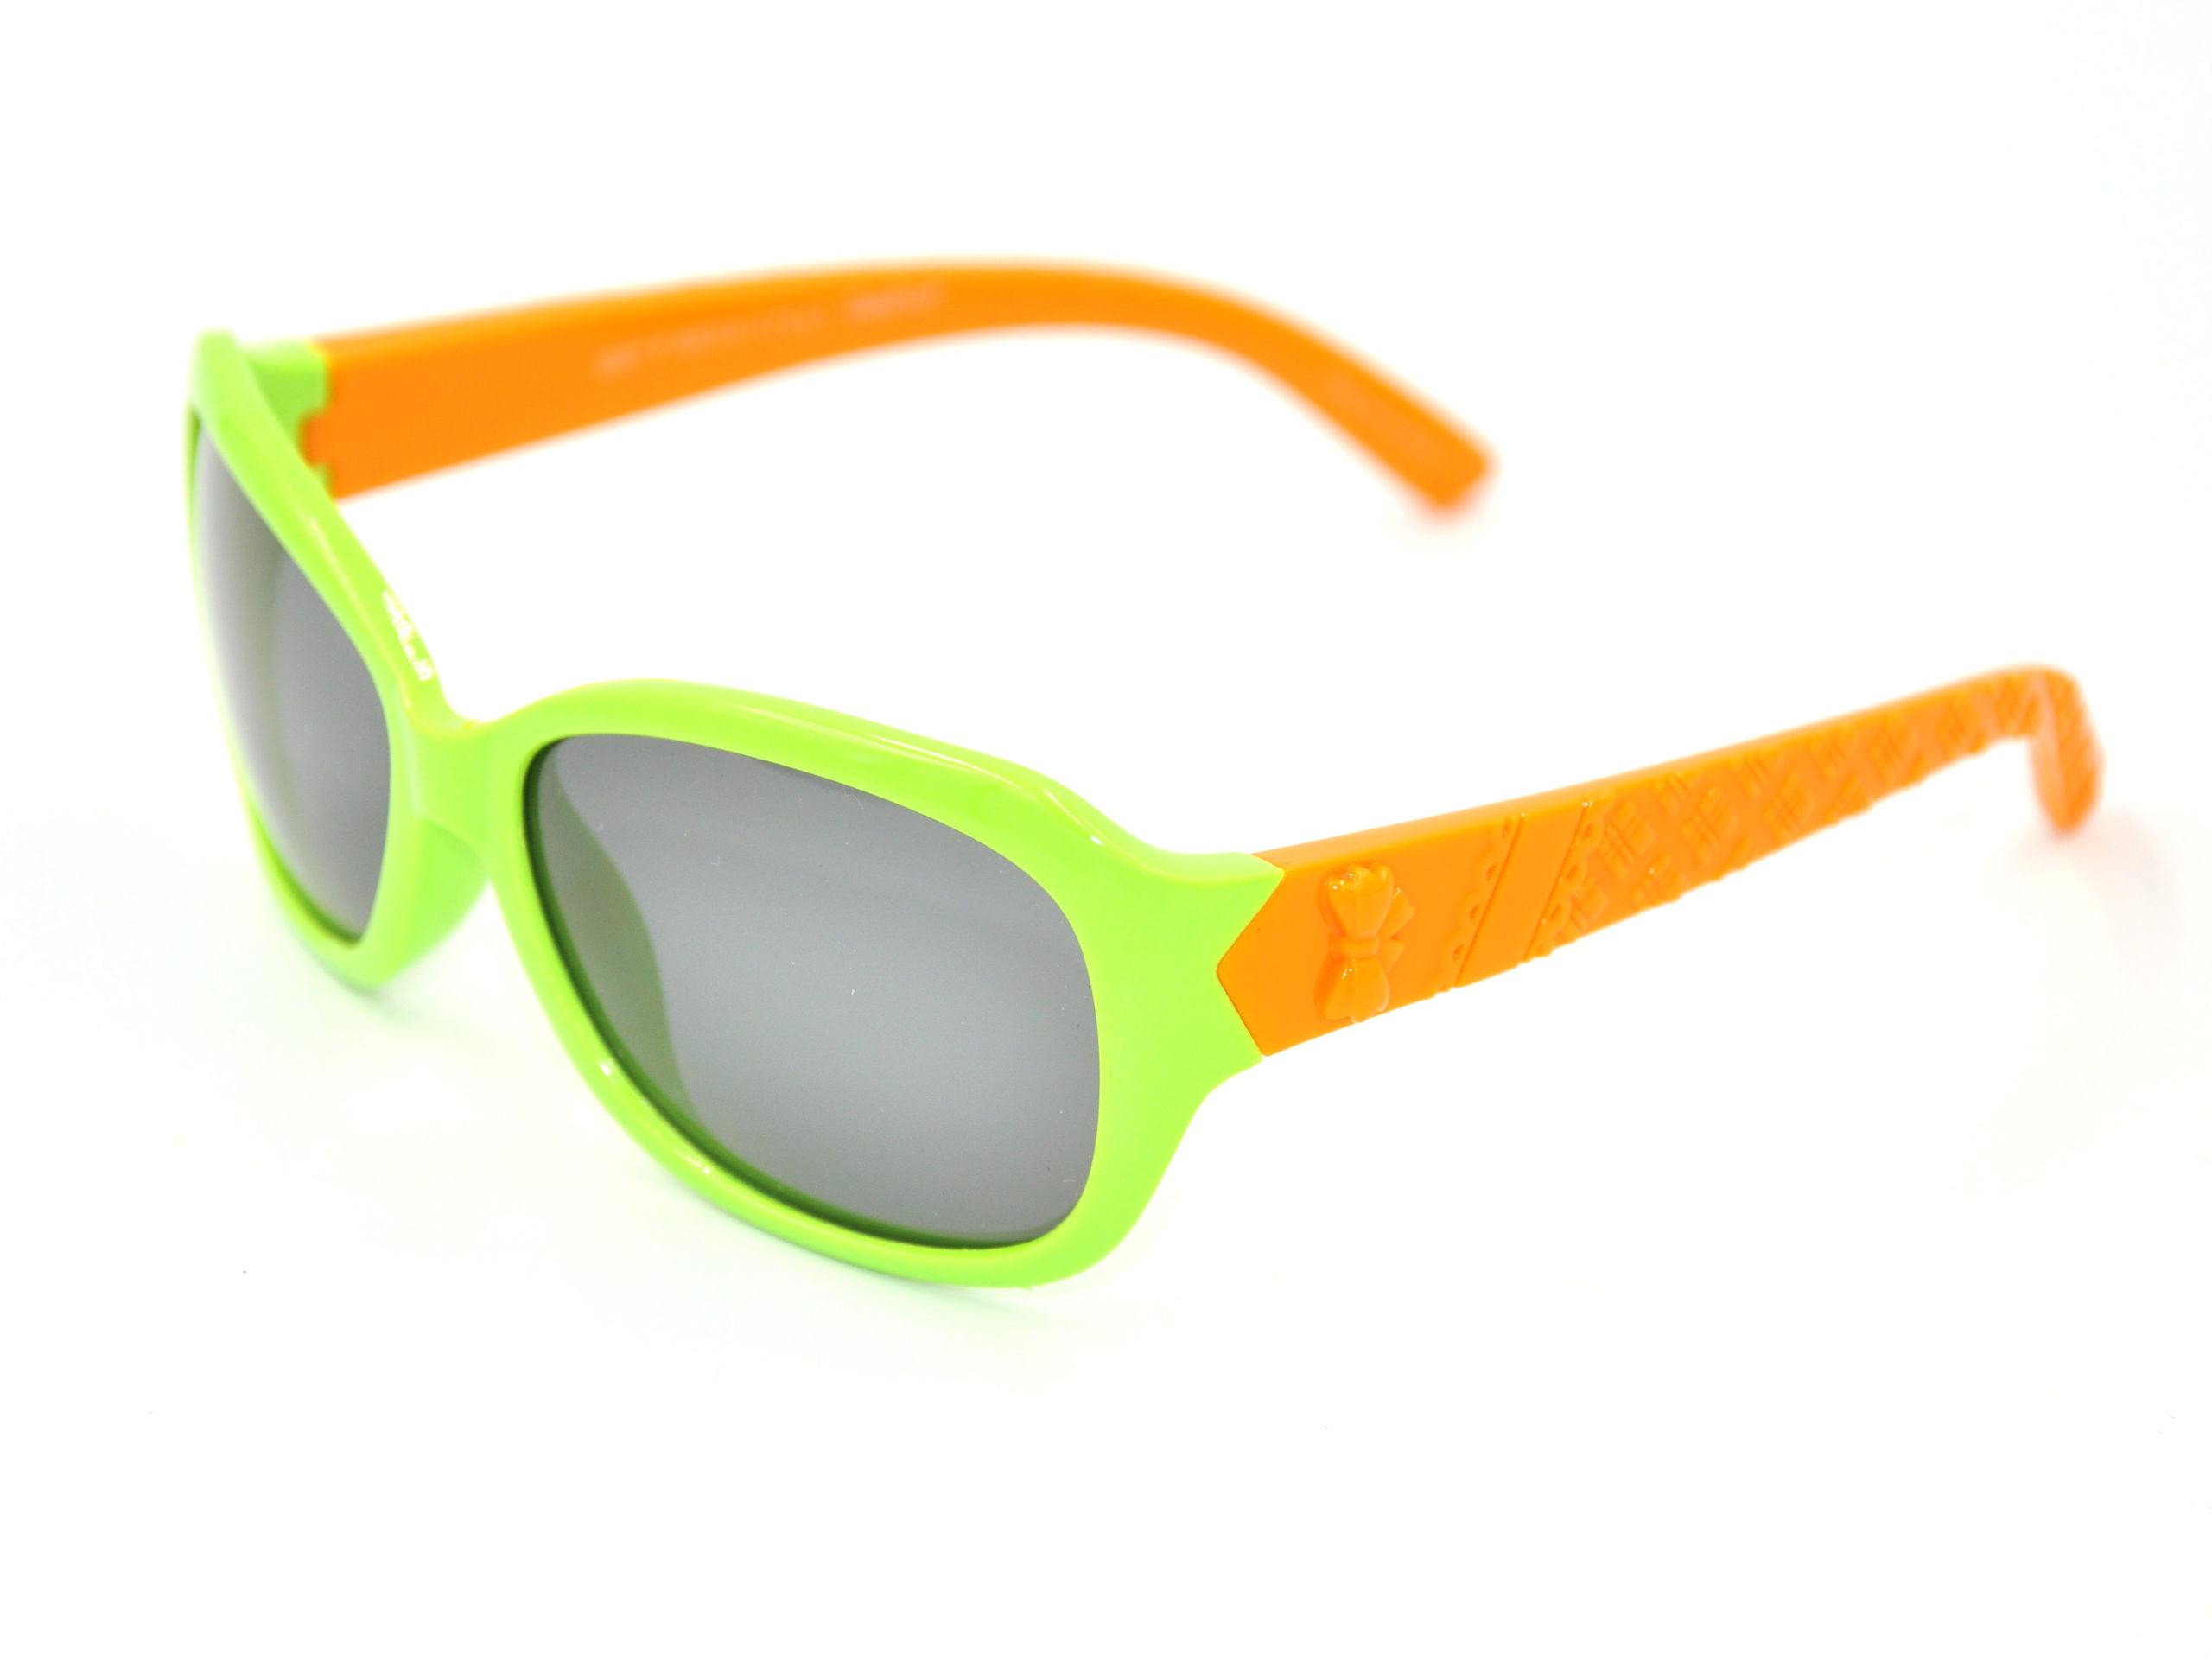 QUADRANT S807 P7 Sunglasses 2020